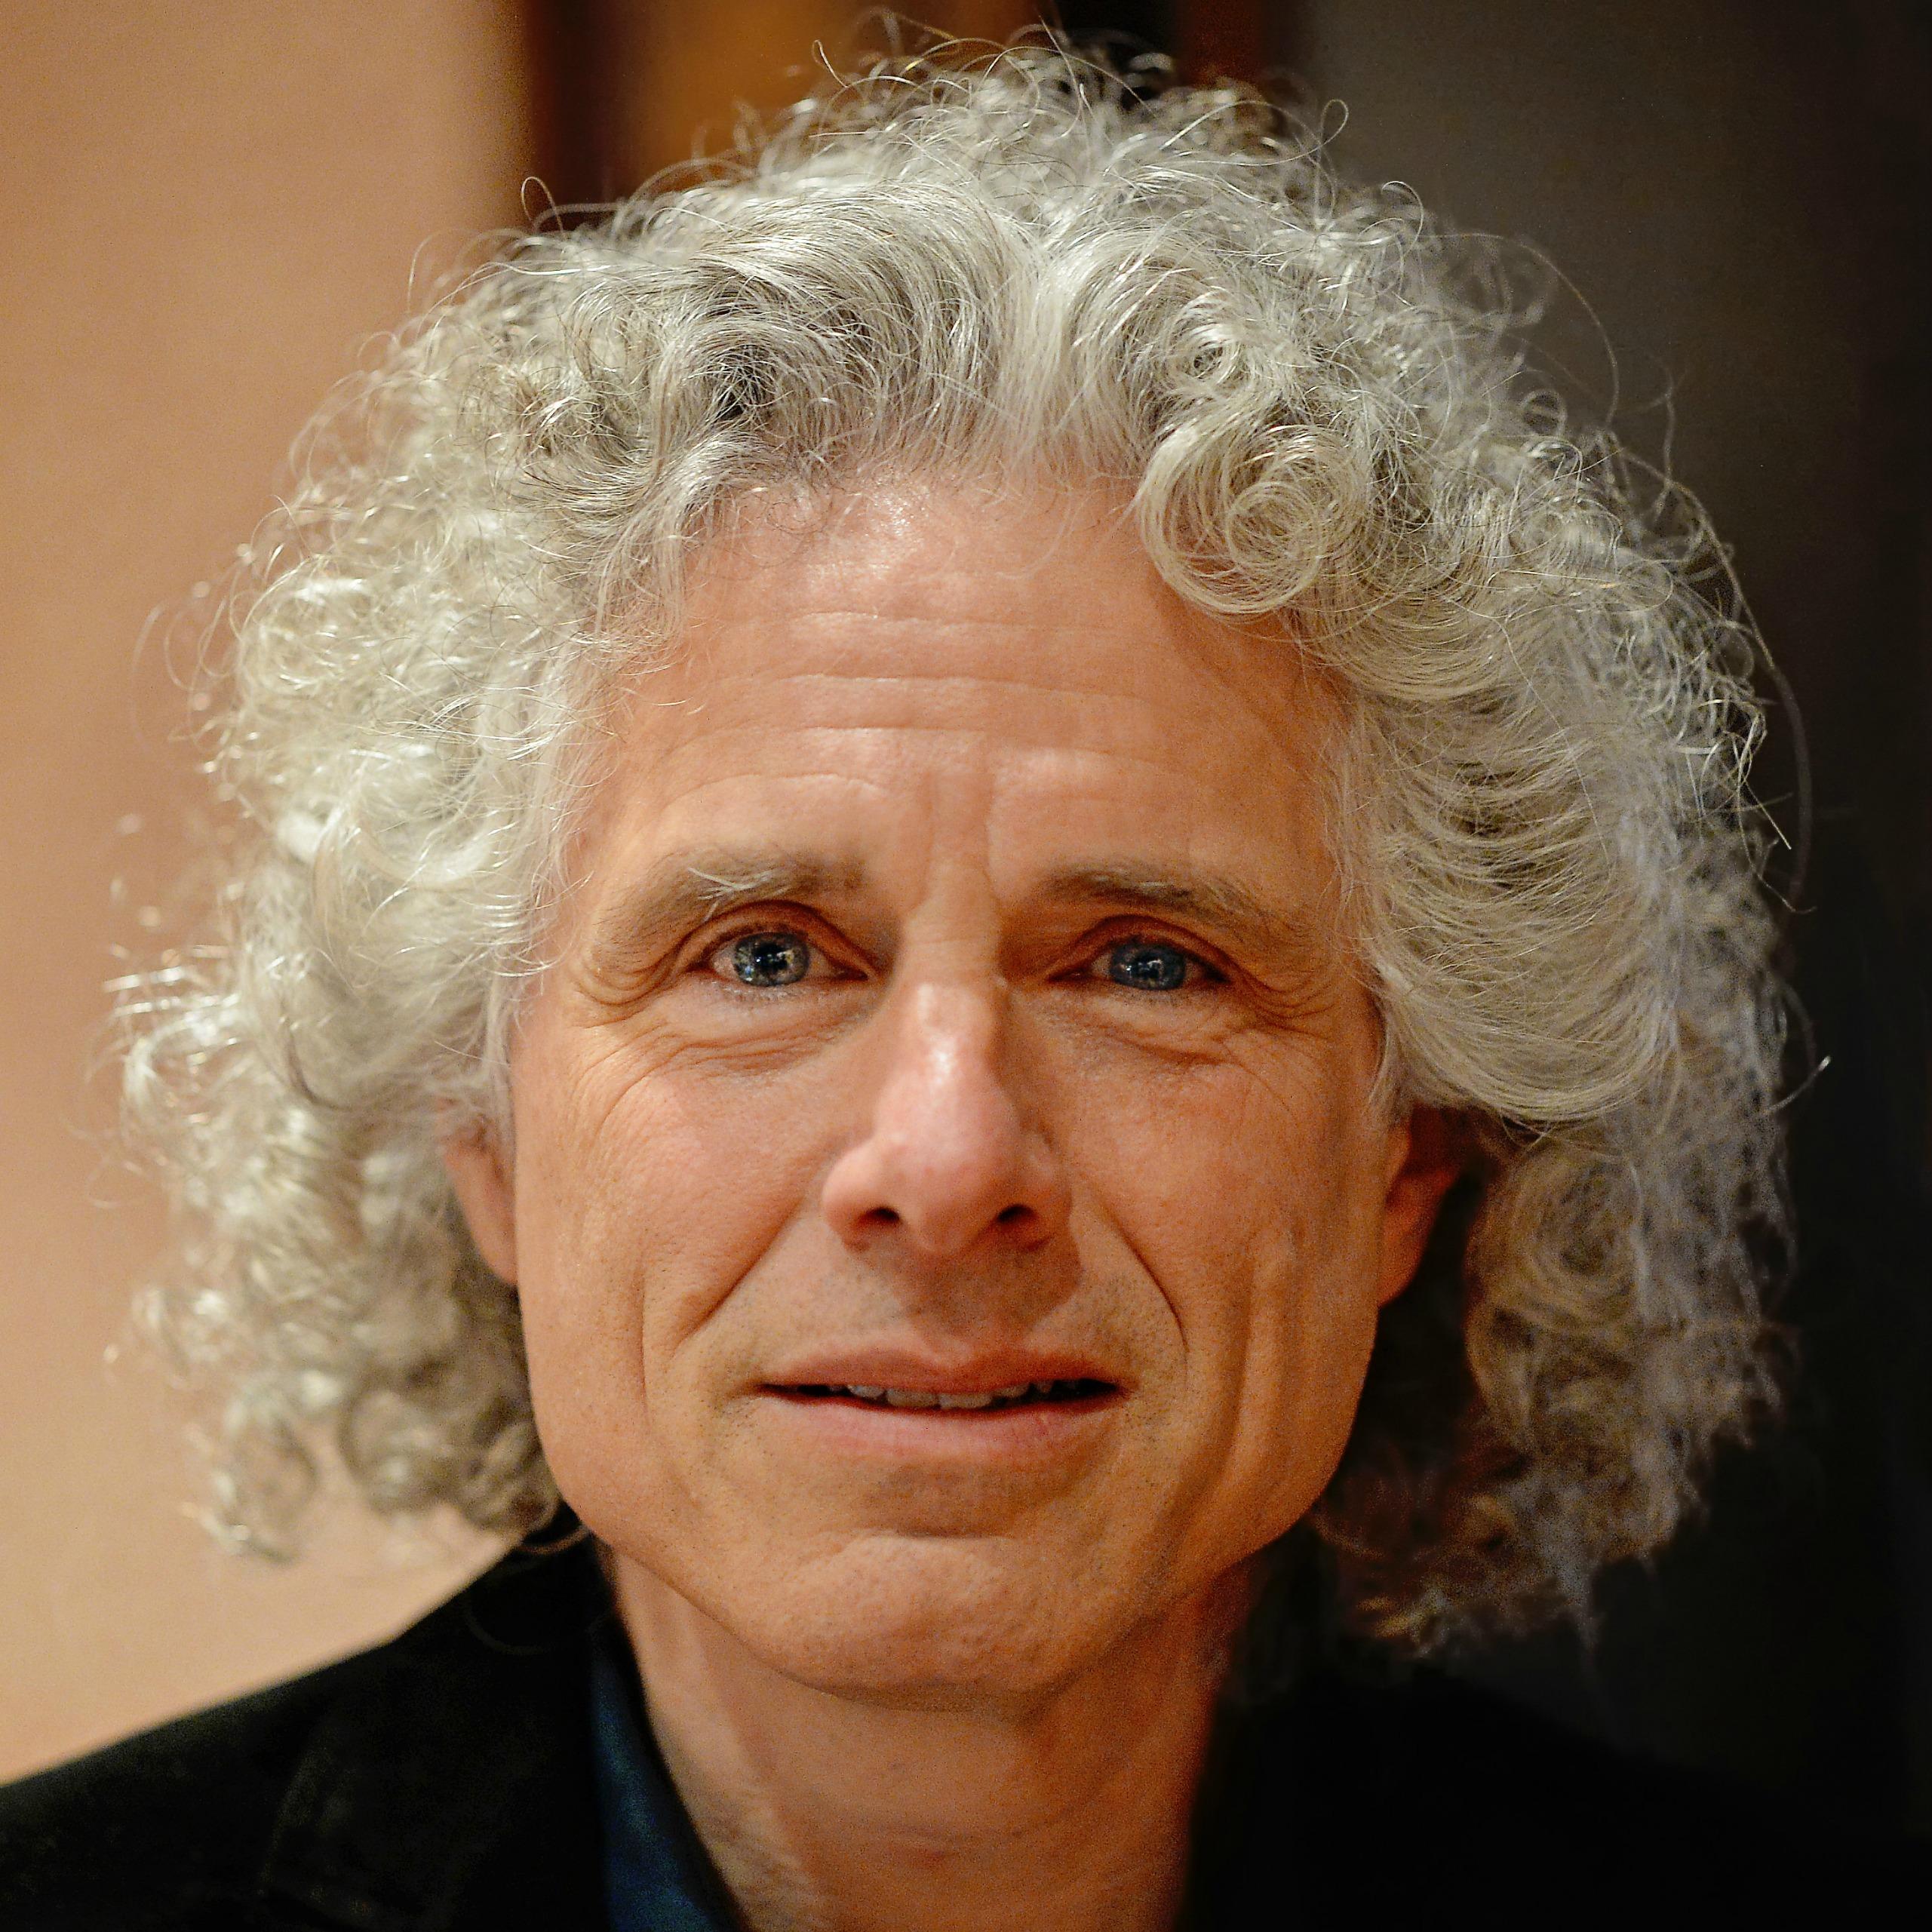 Steven_Pinker